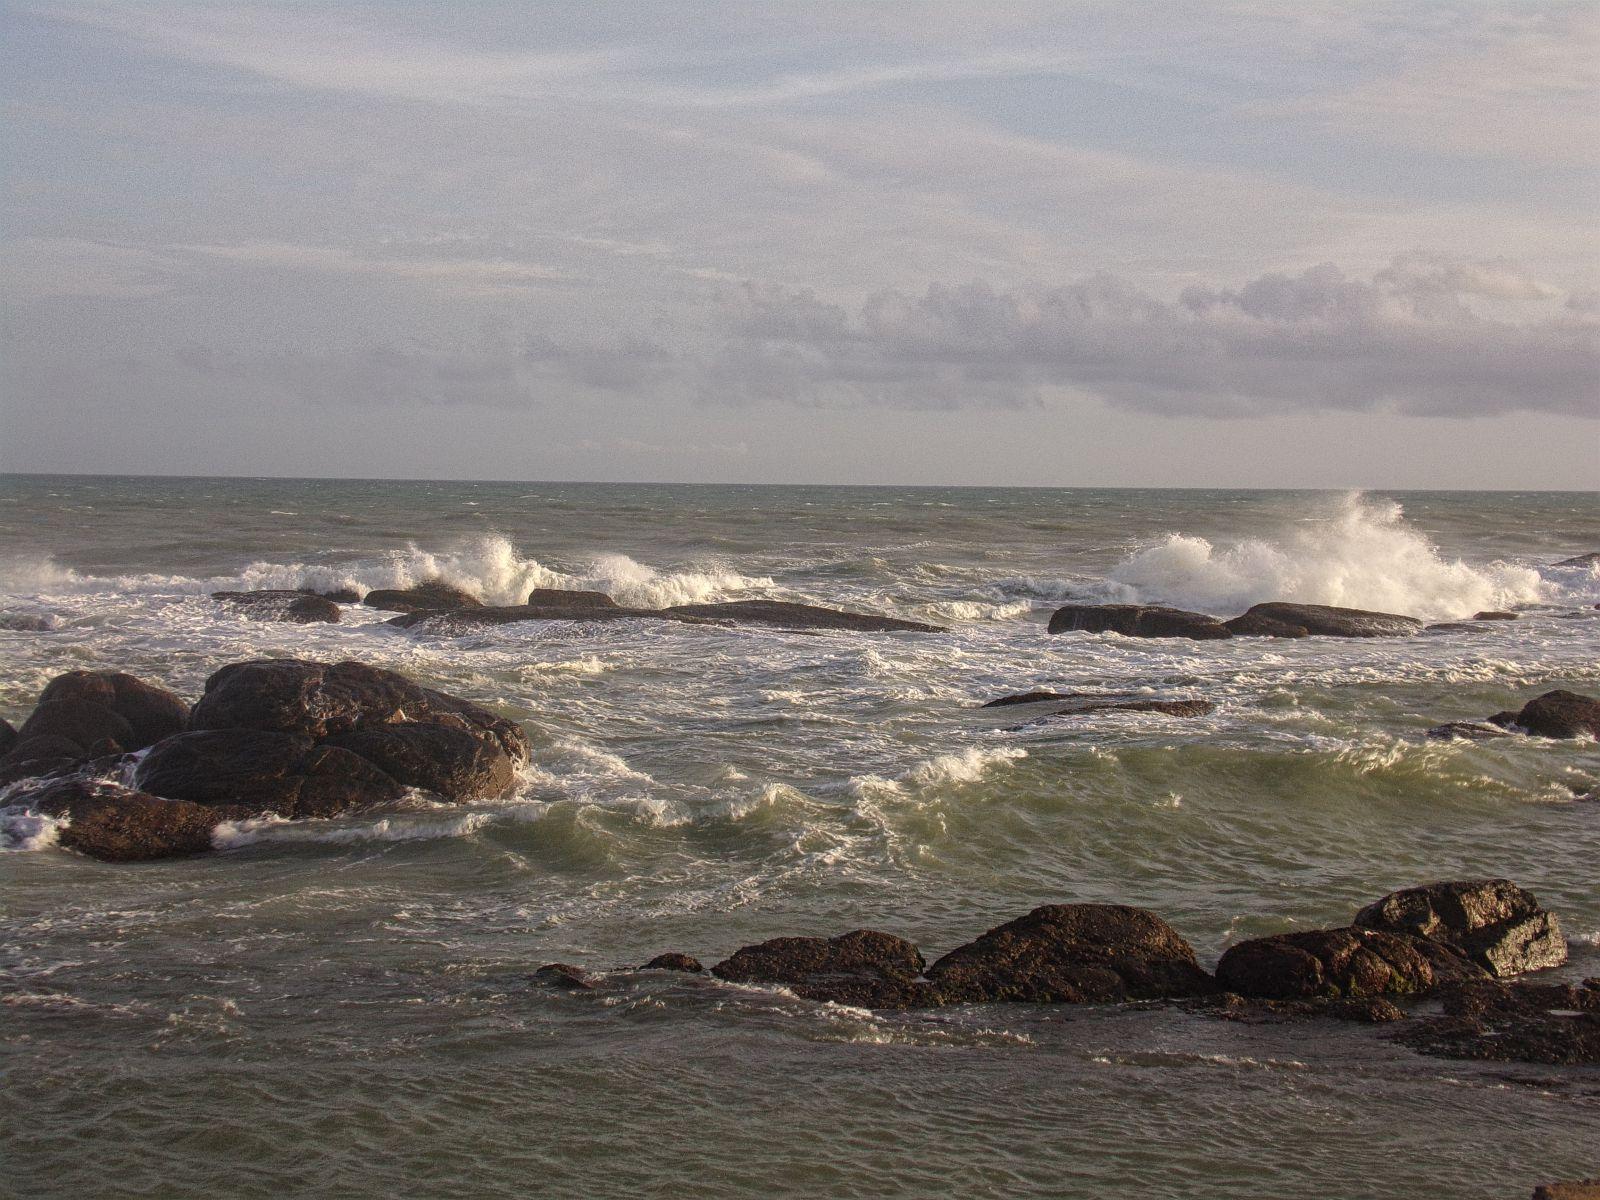 kanyakumari mer ocean indien inde